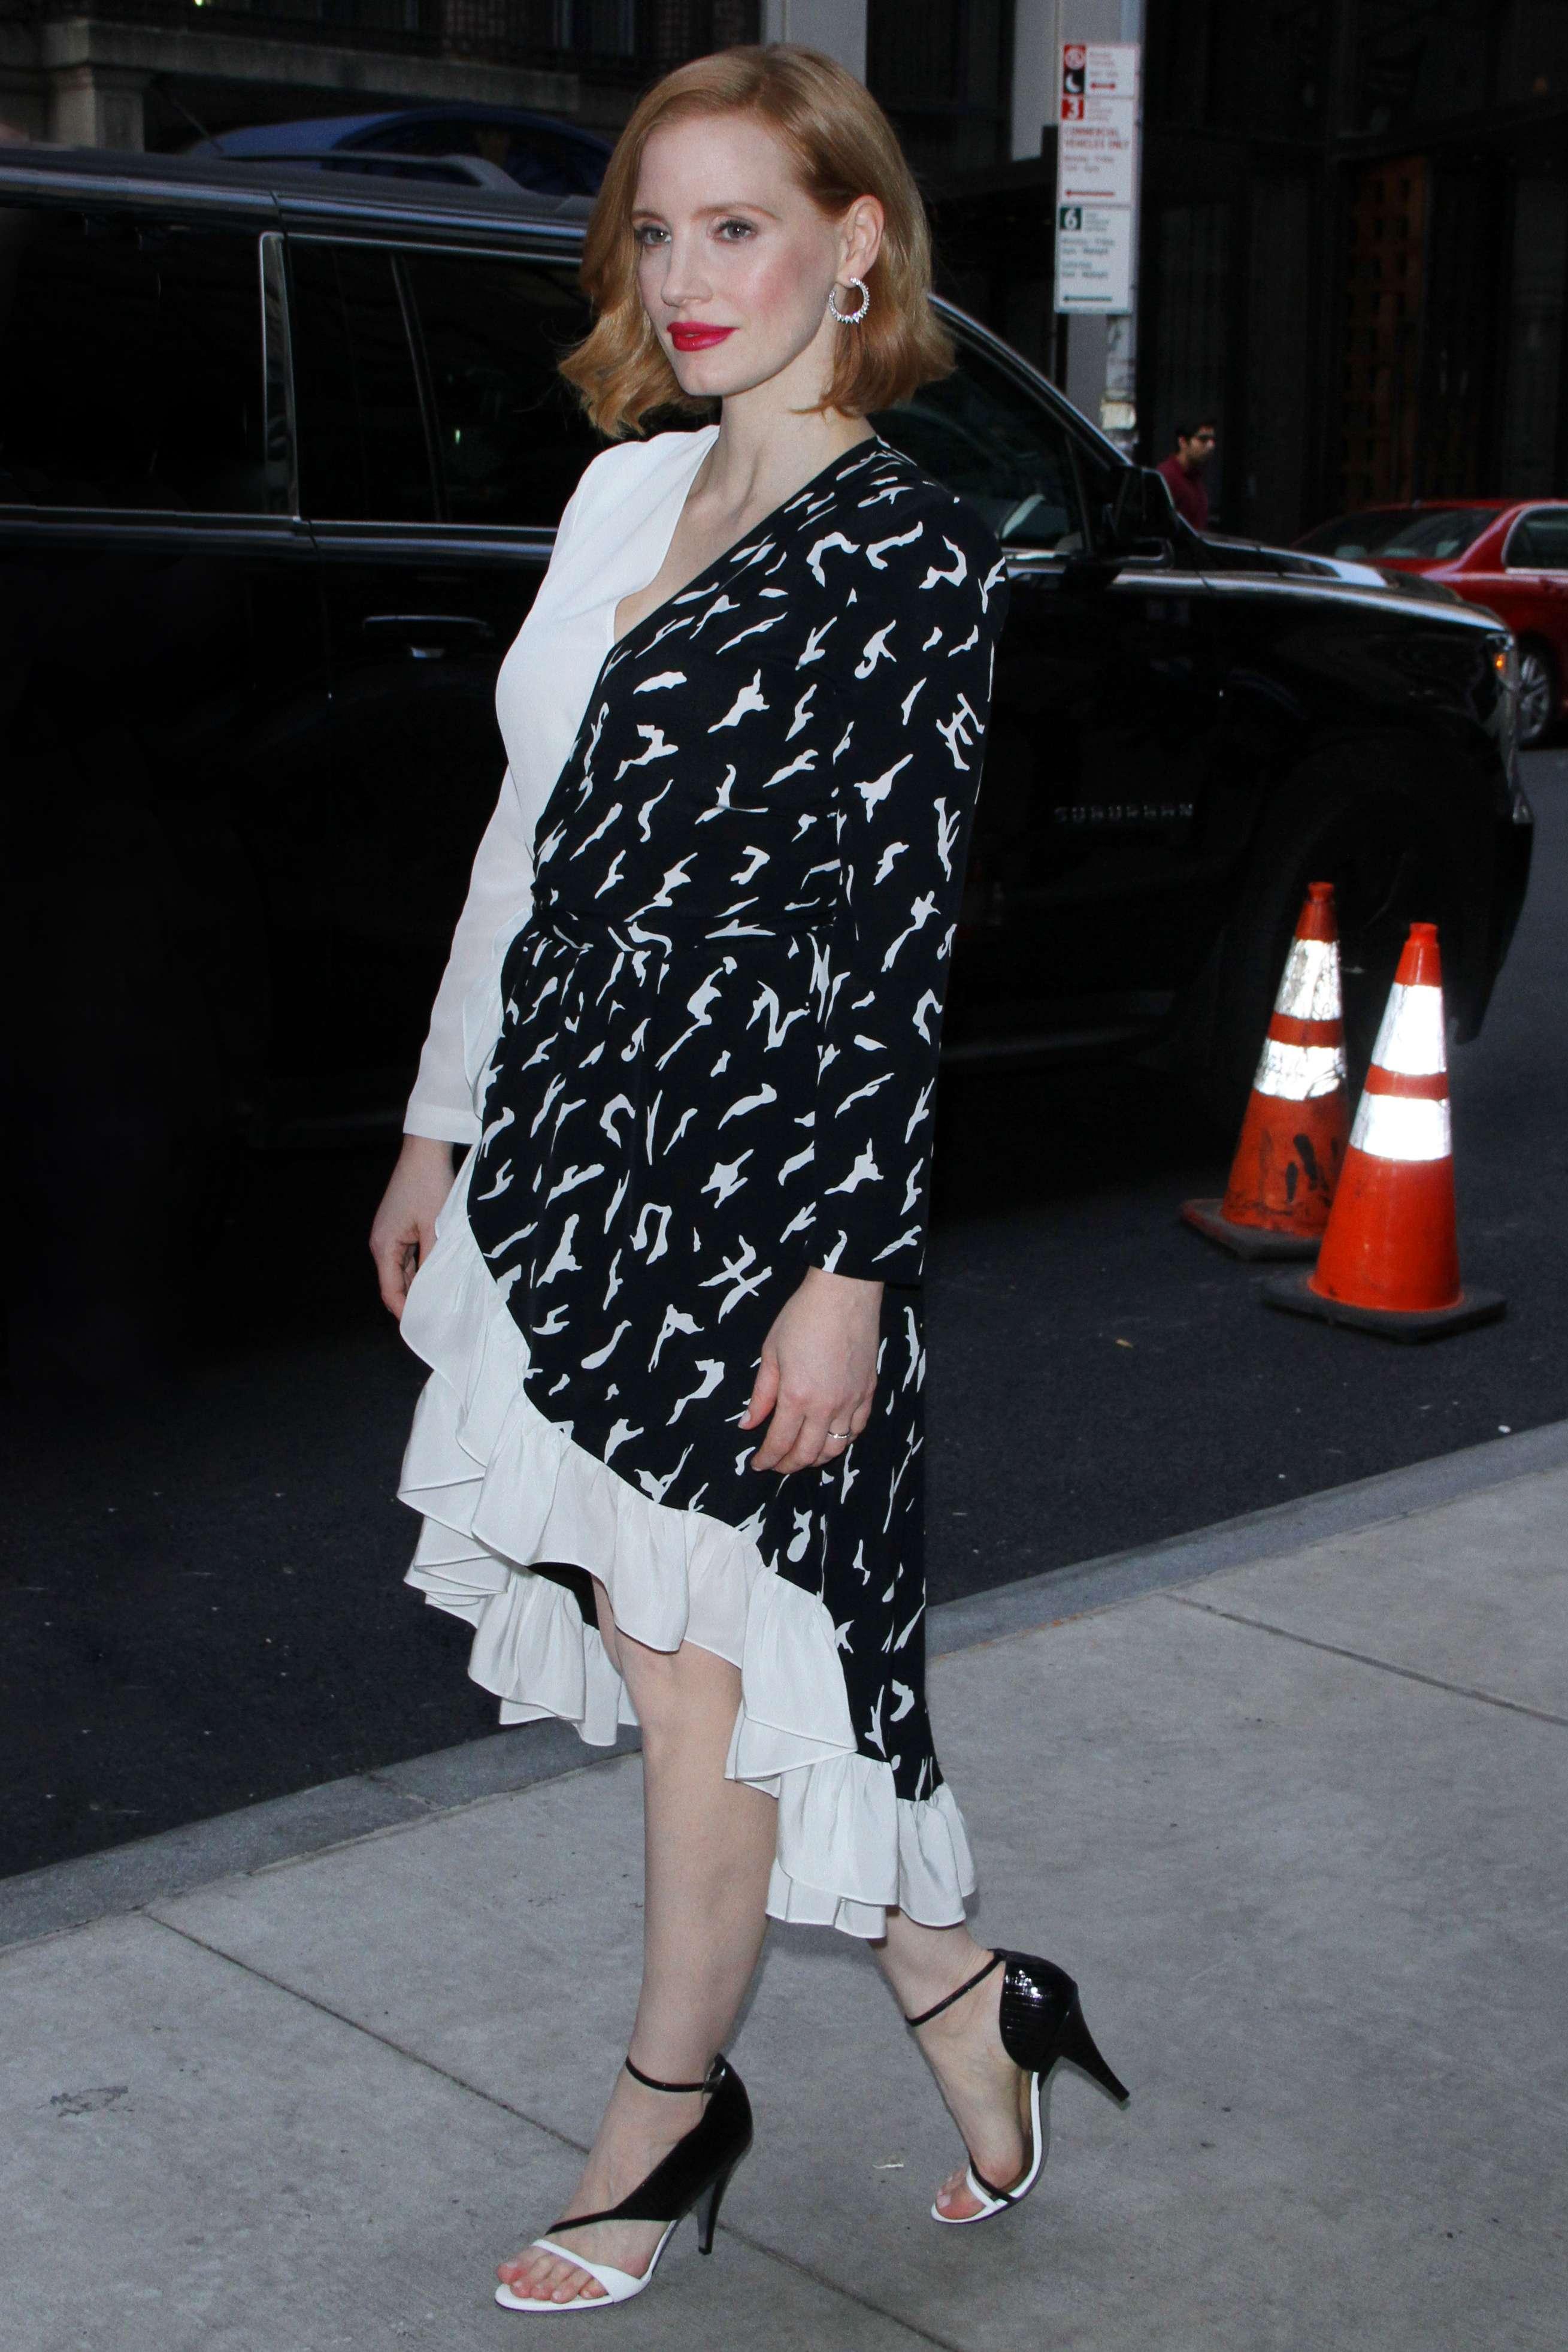 Jessica Chastain phô diễn phong cách thời trang sang trọng trong chiếc đầm midi chữ V đen trắng và họa tiết thu hút thị giác cùng giày cao gót